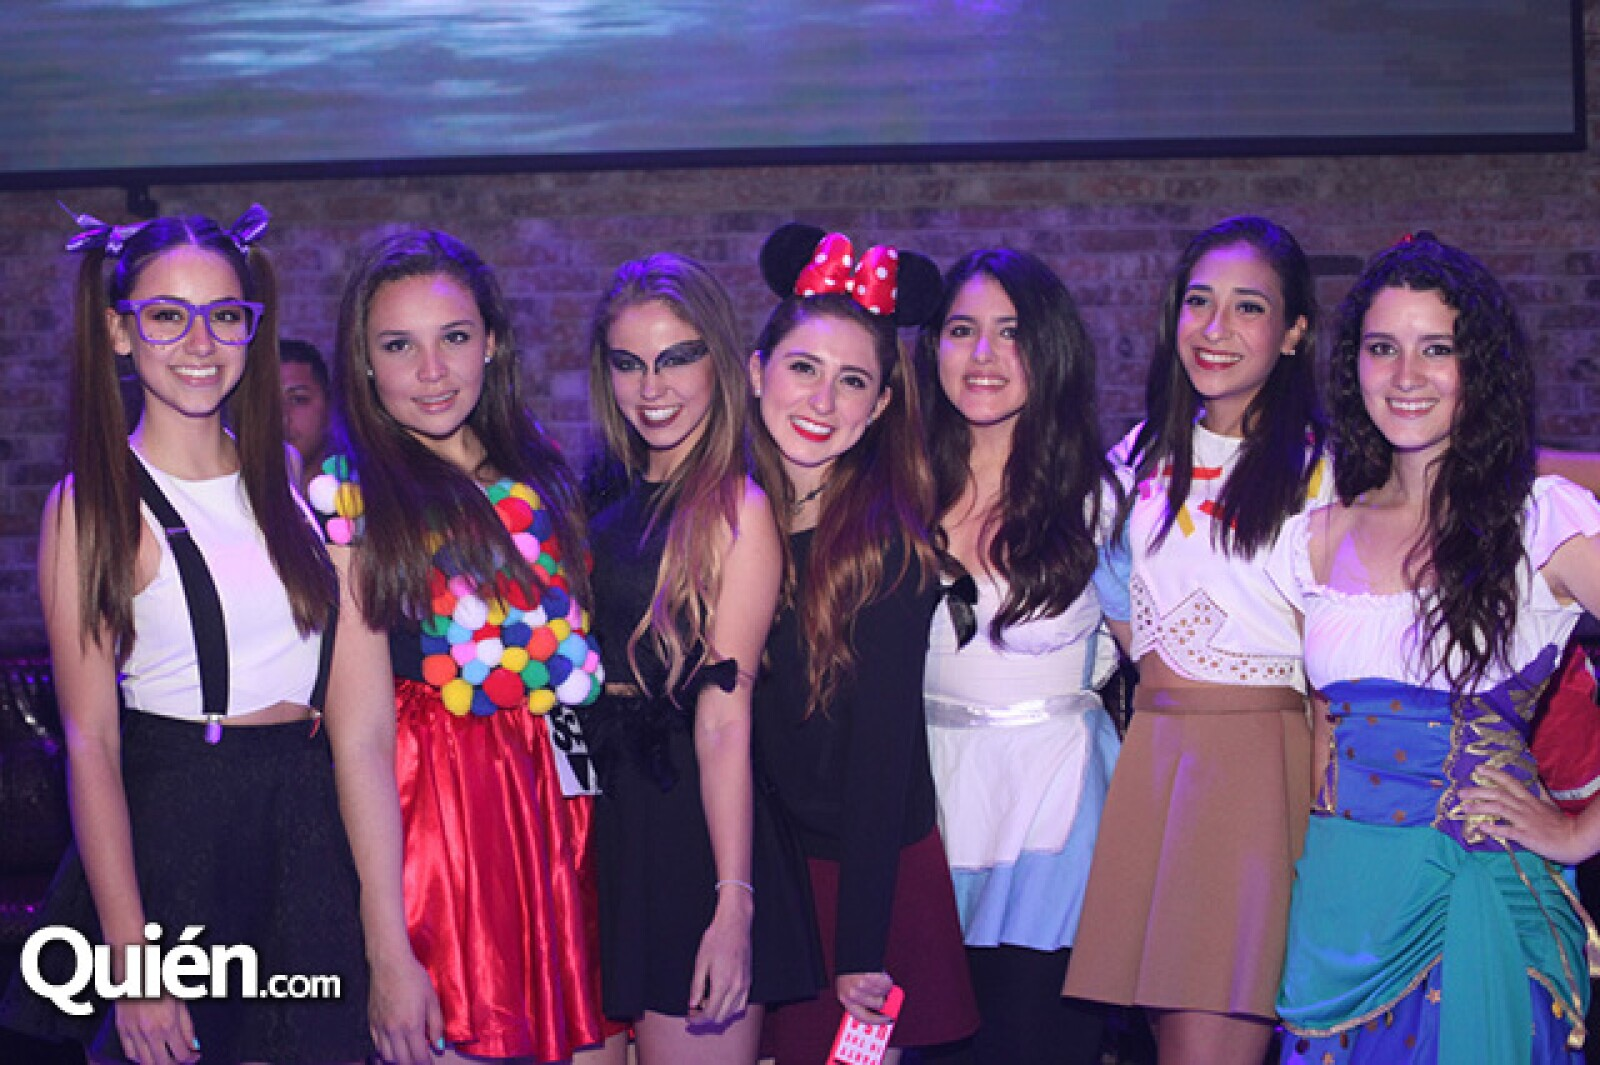 Andrea Portillo,Sofía Inchaustegui,Arielle Signoret,Montse Ceballos,Valentina Suárez,Regina Luna y Regina Godoy